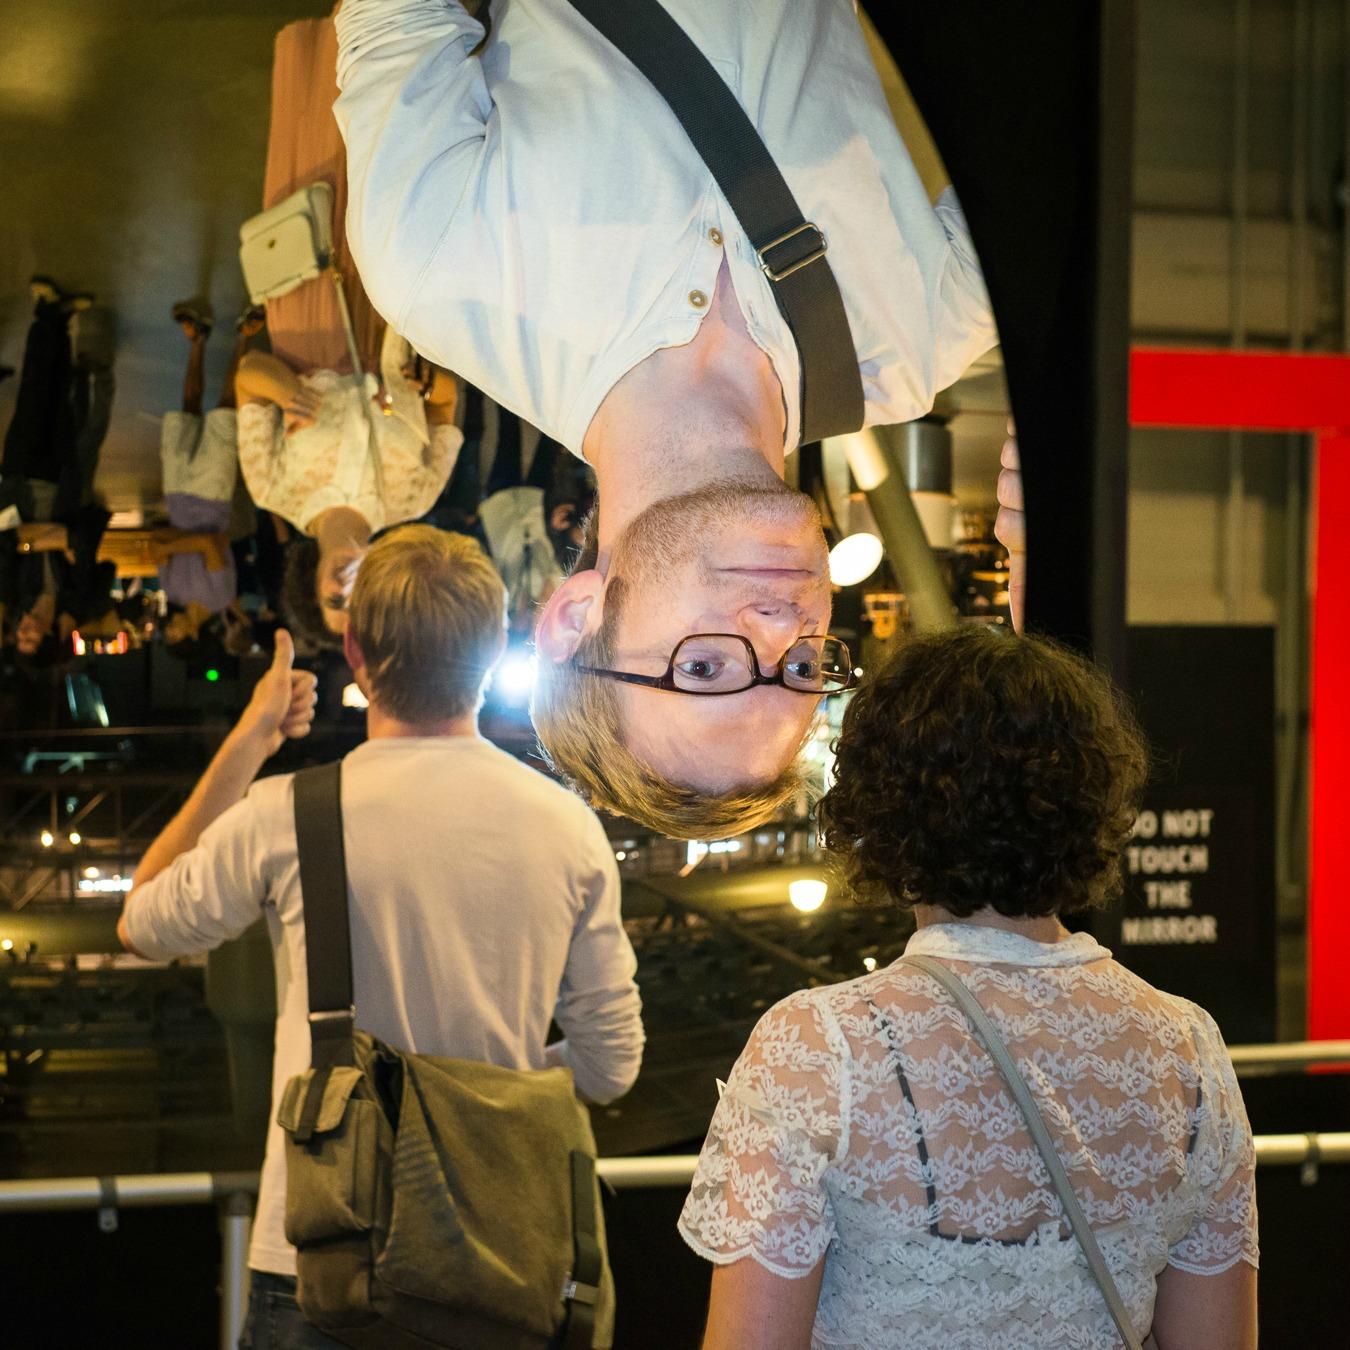 05_AfterDark - visitor explores a giant mirror at Exploratorium